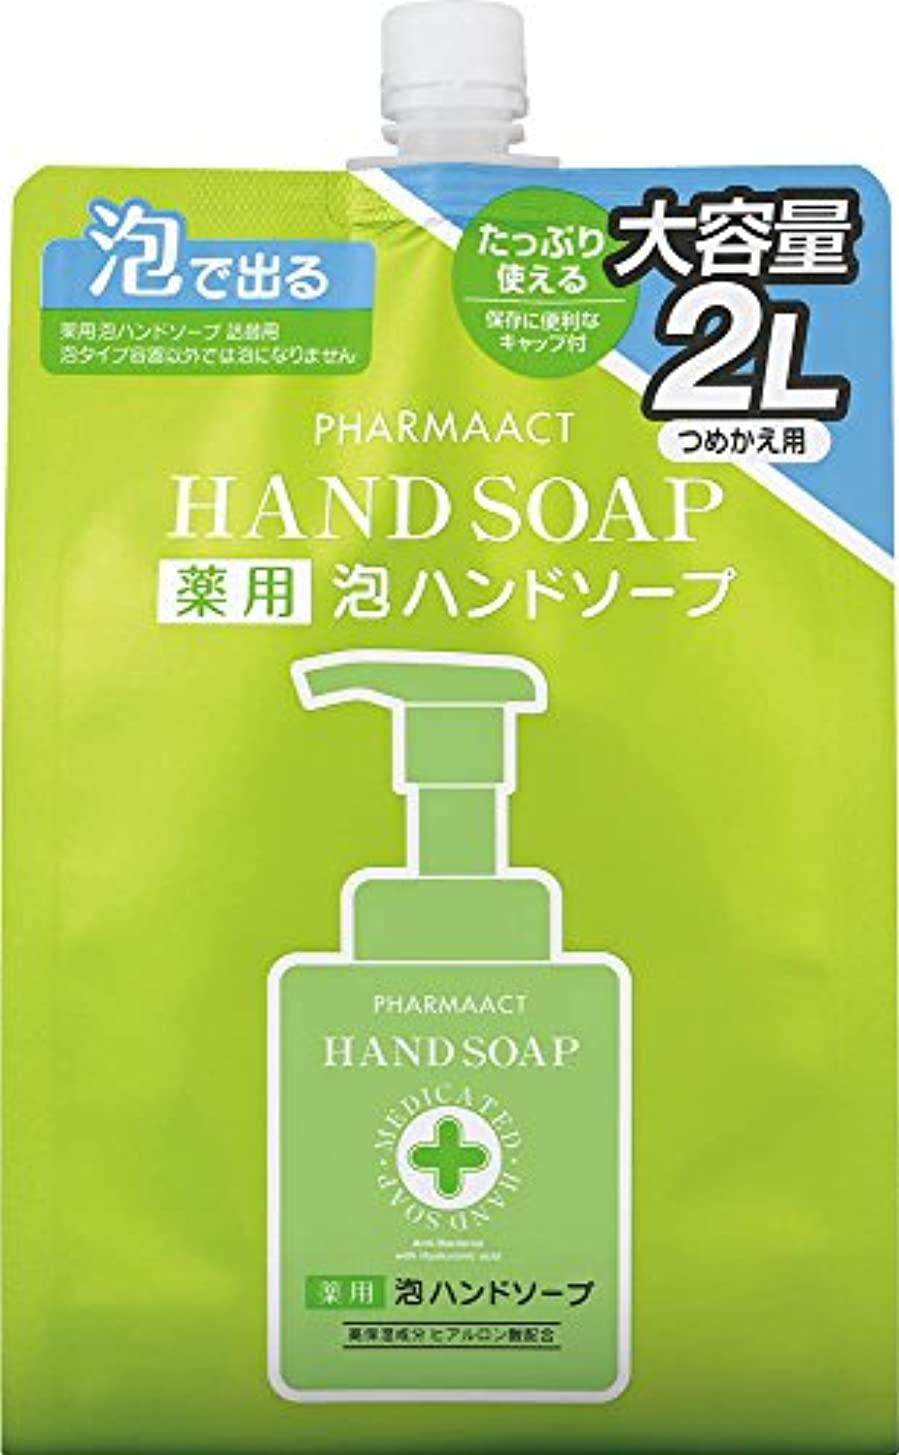 エンドウながら別れる熊野油脂 PHARMAACT(ファーマアクト) 薬用泡ハンドソープ詰替スパウト付 2L